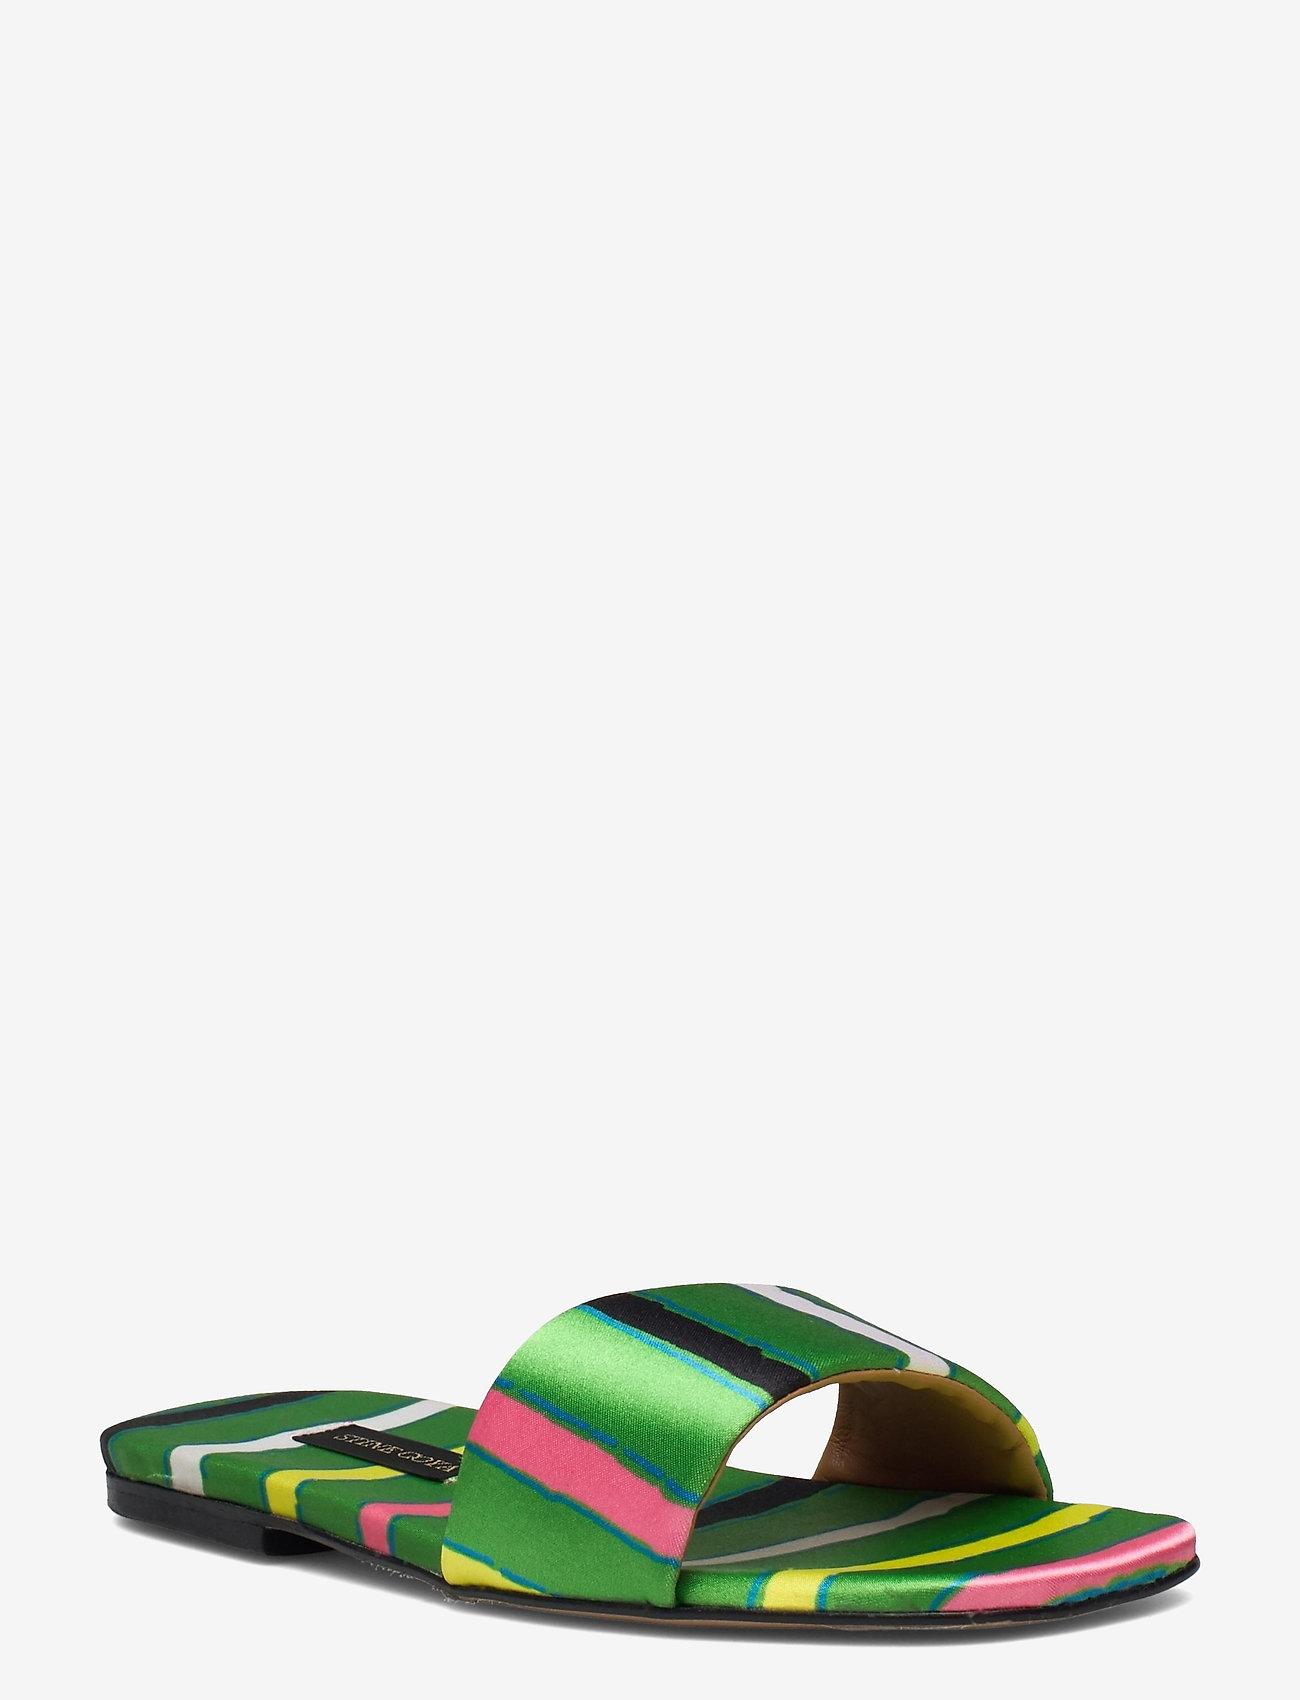 STINE GOYA - Henra, 1193 Satin Shoes - flade sandaler - stripes green - 0